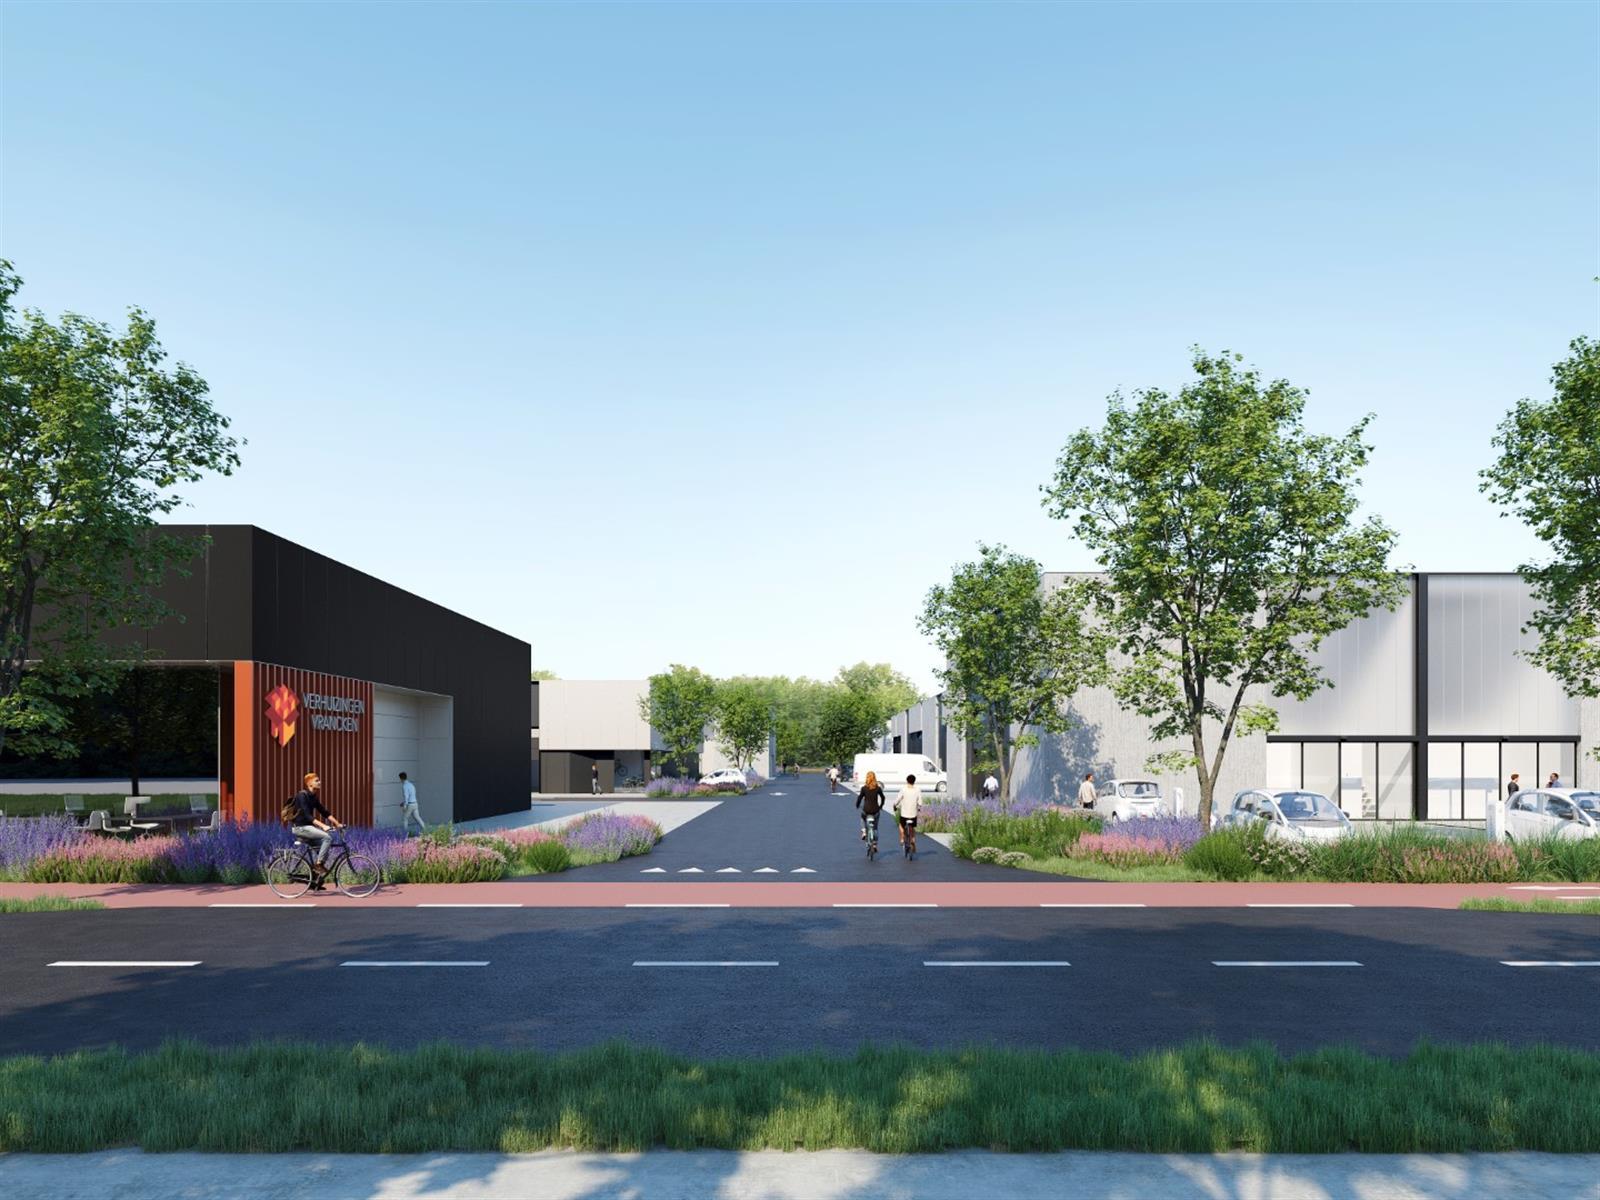 KMO-unit te koop Heros Businesspark KMO Unit 9 - Herkenrodesingel 10, 3500 Hasselt, België 1